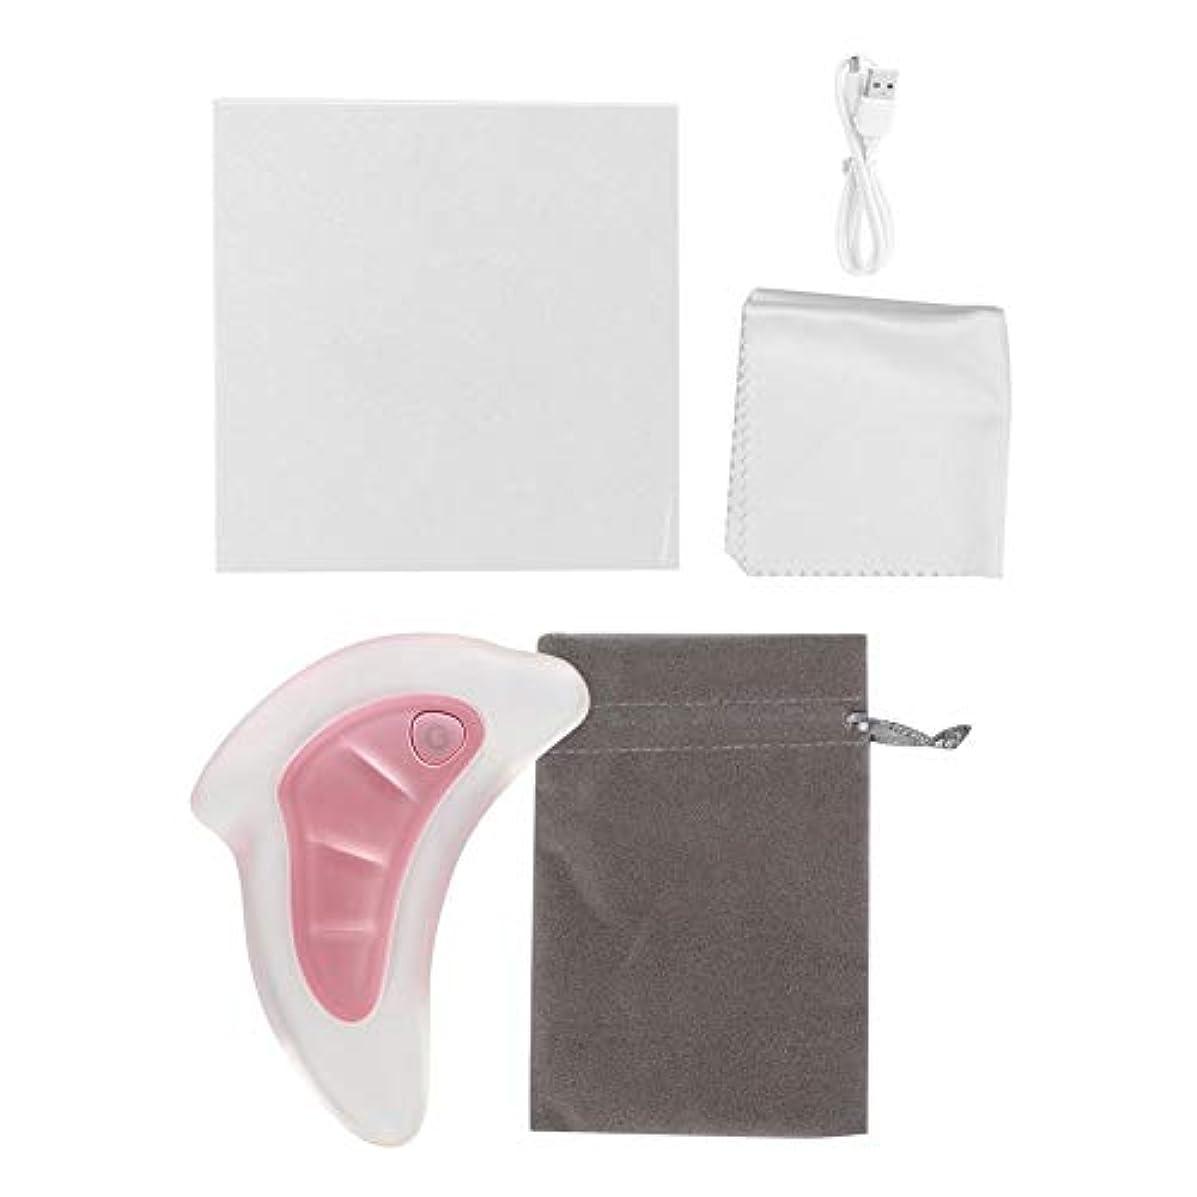 ラフ睡眠デッドロックジェム2色スクレーピングマッサージャー - フェイスリフティングスクレーパー、グアシャツール - アンチエイジング、アンチリンクルマッサージ&フェイシャルグアシャ、カラフルなライトを廃棄するための楽器(ピンク)